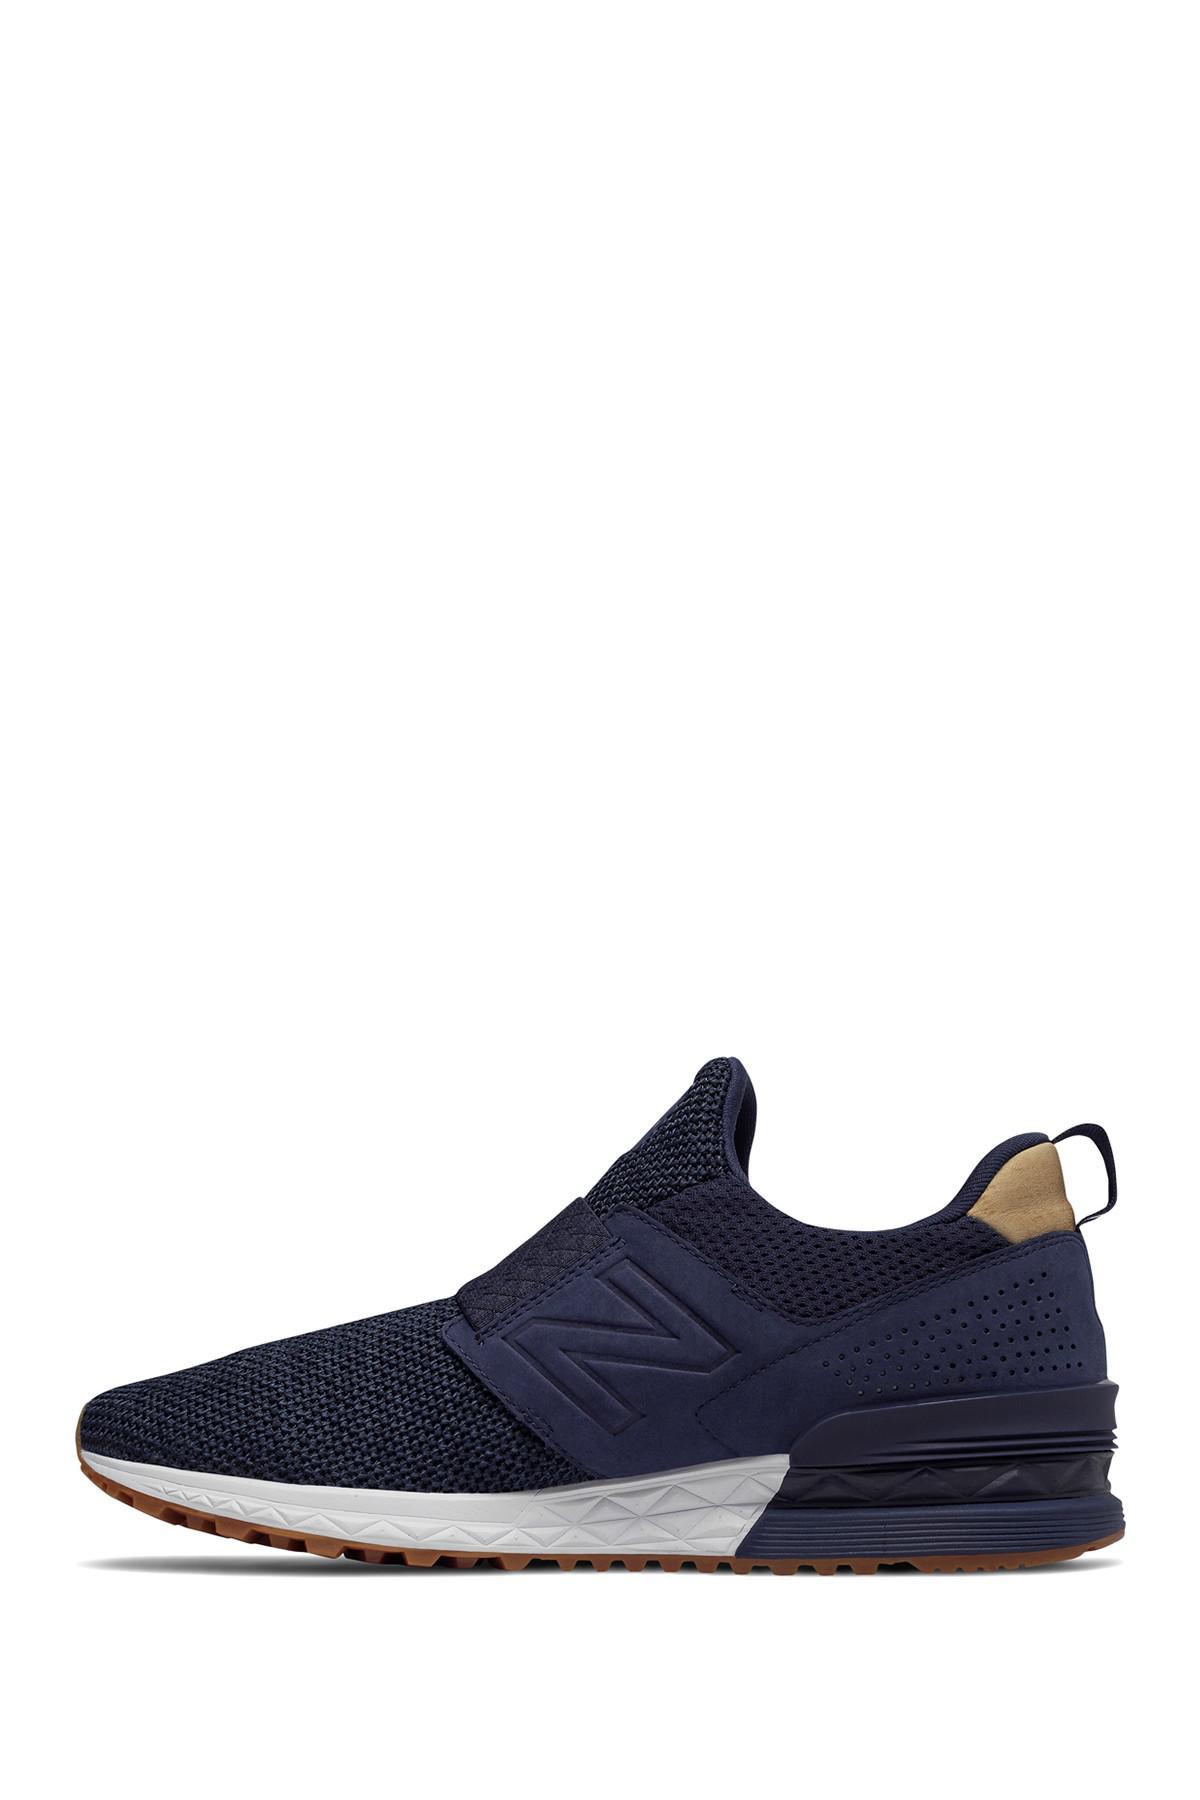 Slip For Sport In On Suede New Balance Blue Men Decon 574 Sneaker ZOPuTXki